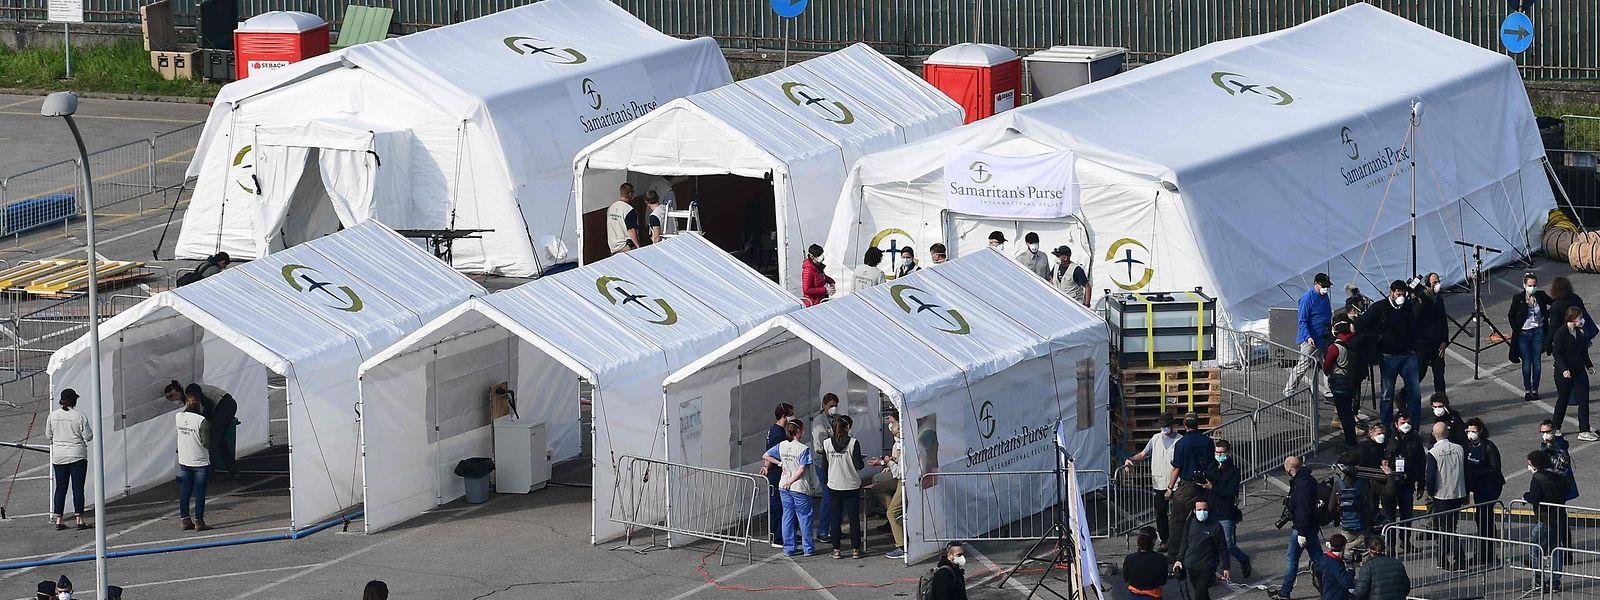 Die Lombardei rüstet sich: In Cremona - in unmittelbare Nähe der Millionenstadt Mailand - wird ein provisorisches Zeltkrankenhaus errichtet mit 60 Betten und acht Intensivstationen.